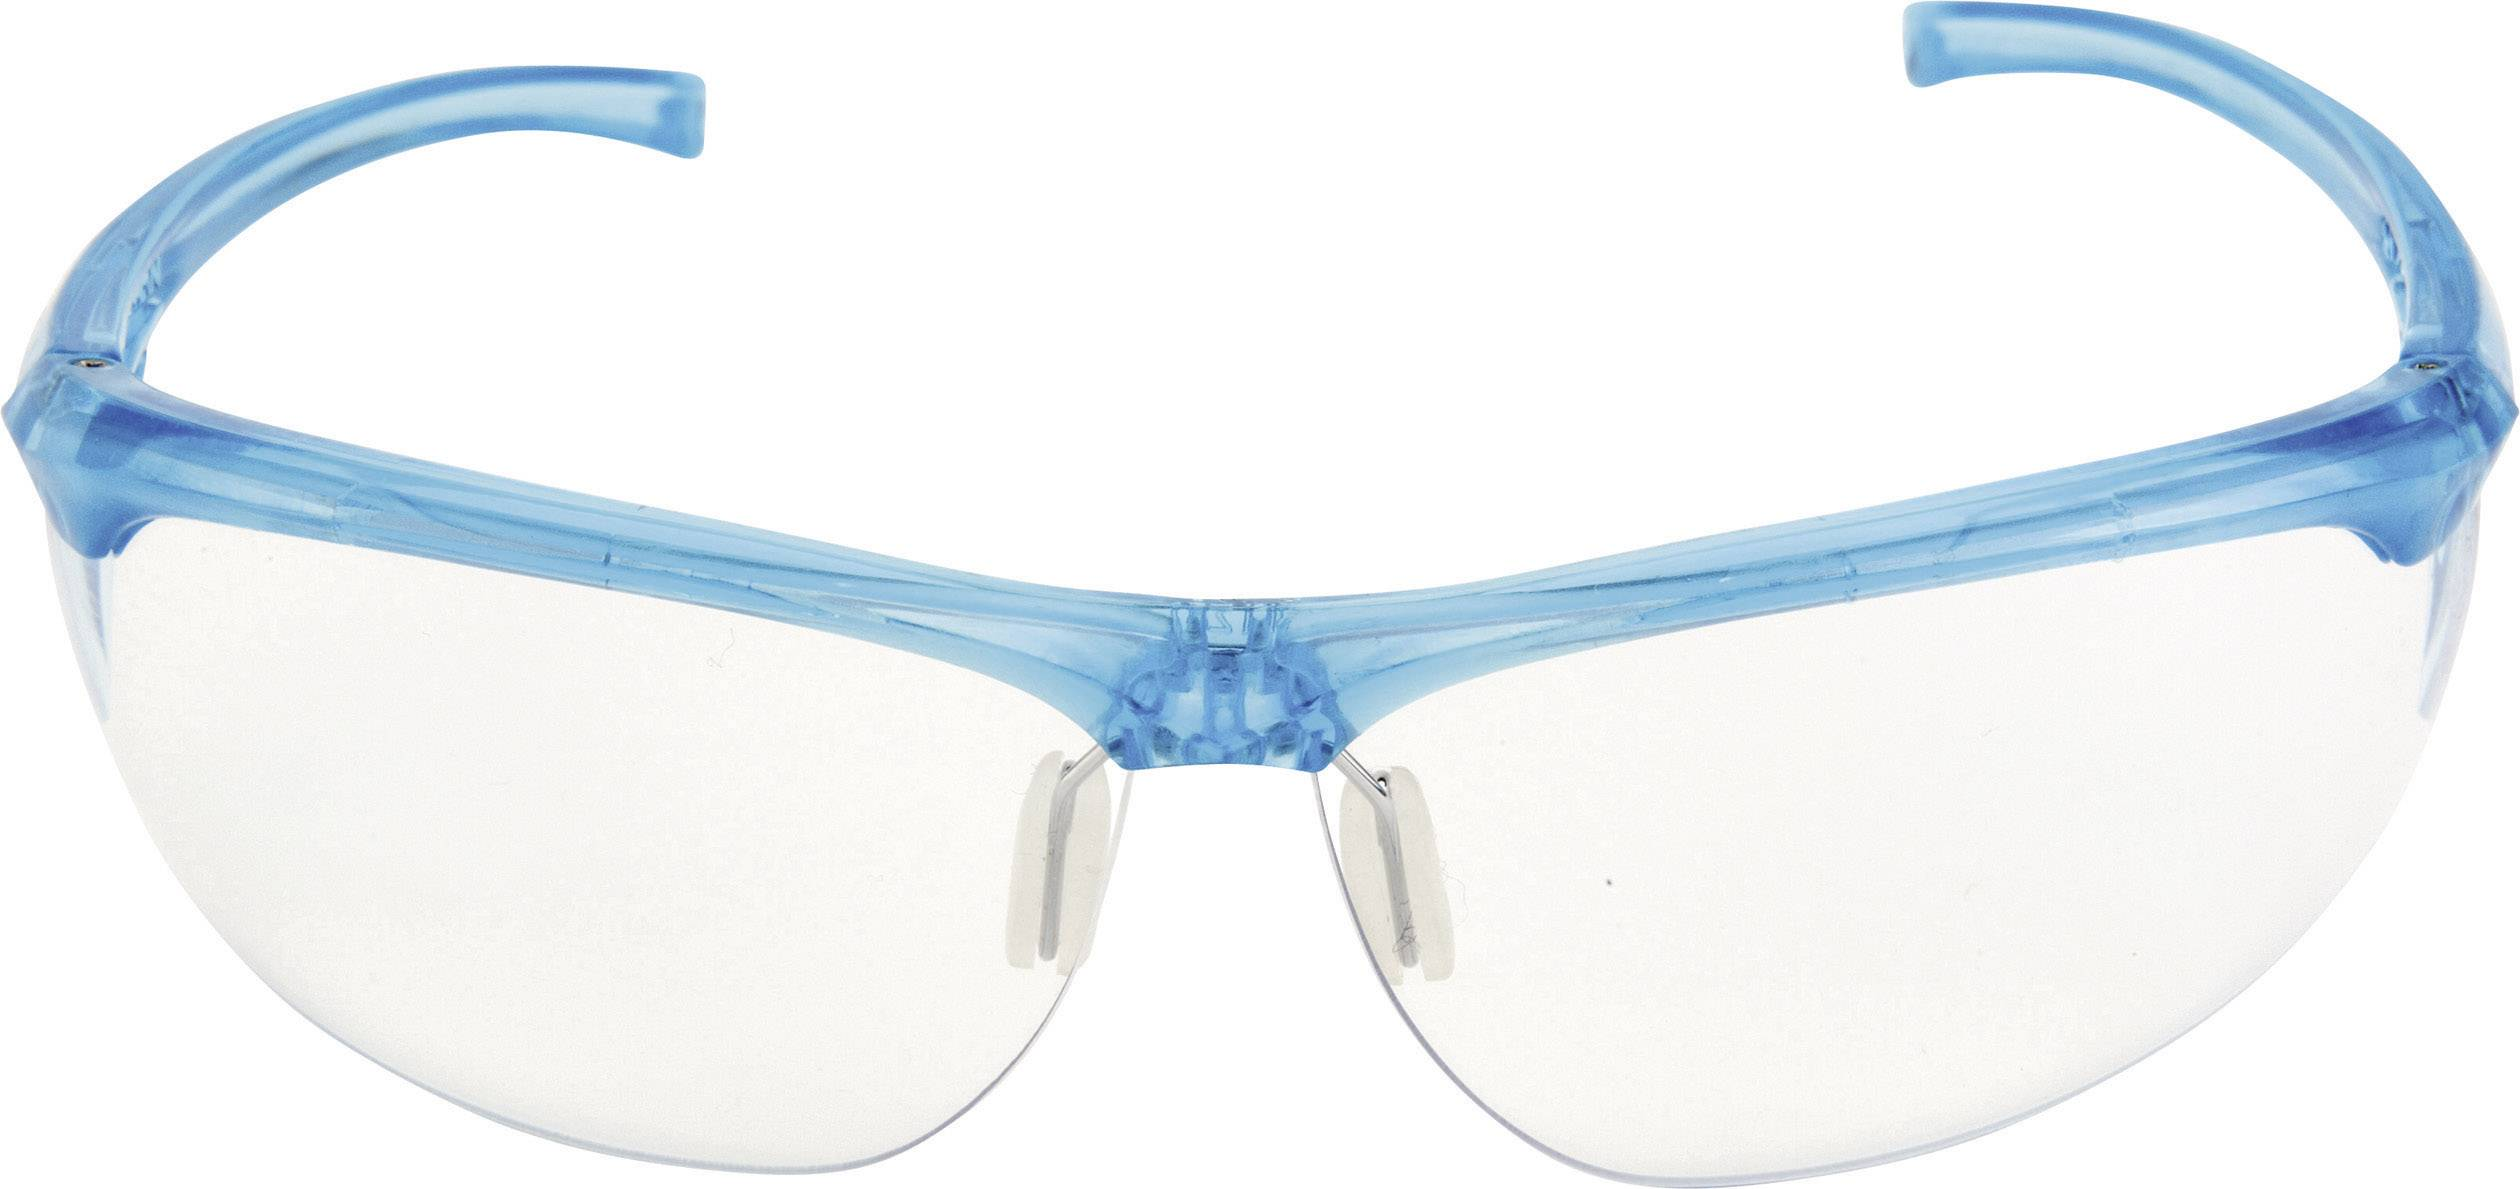 Ochranné okuliare 3M Refine 300, číre